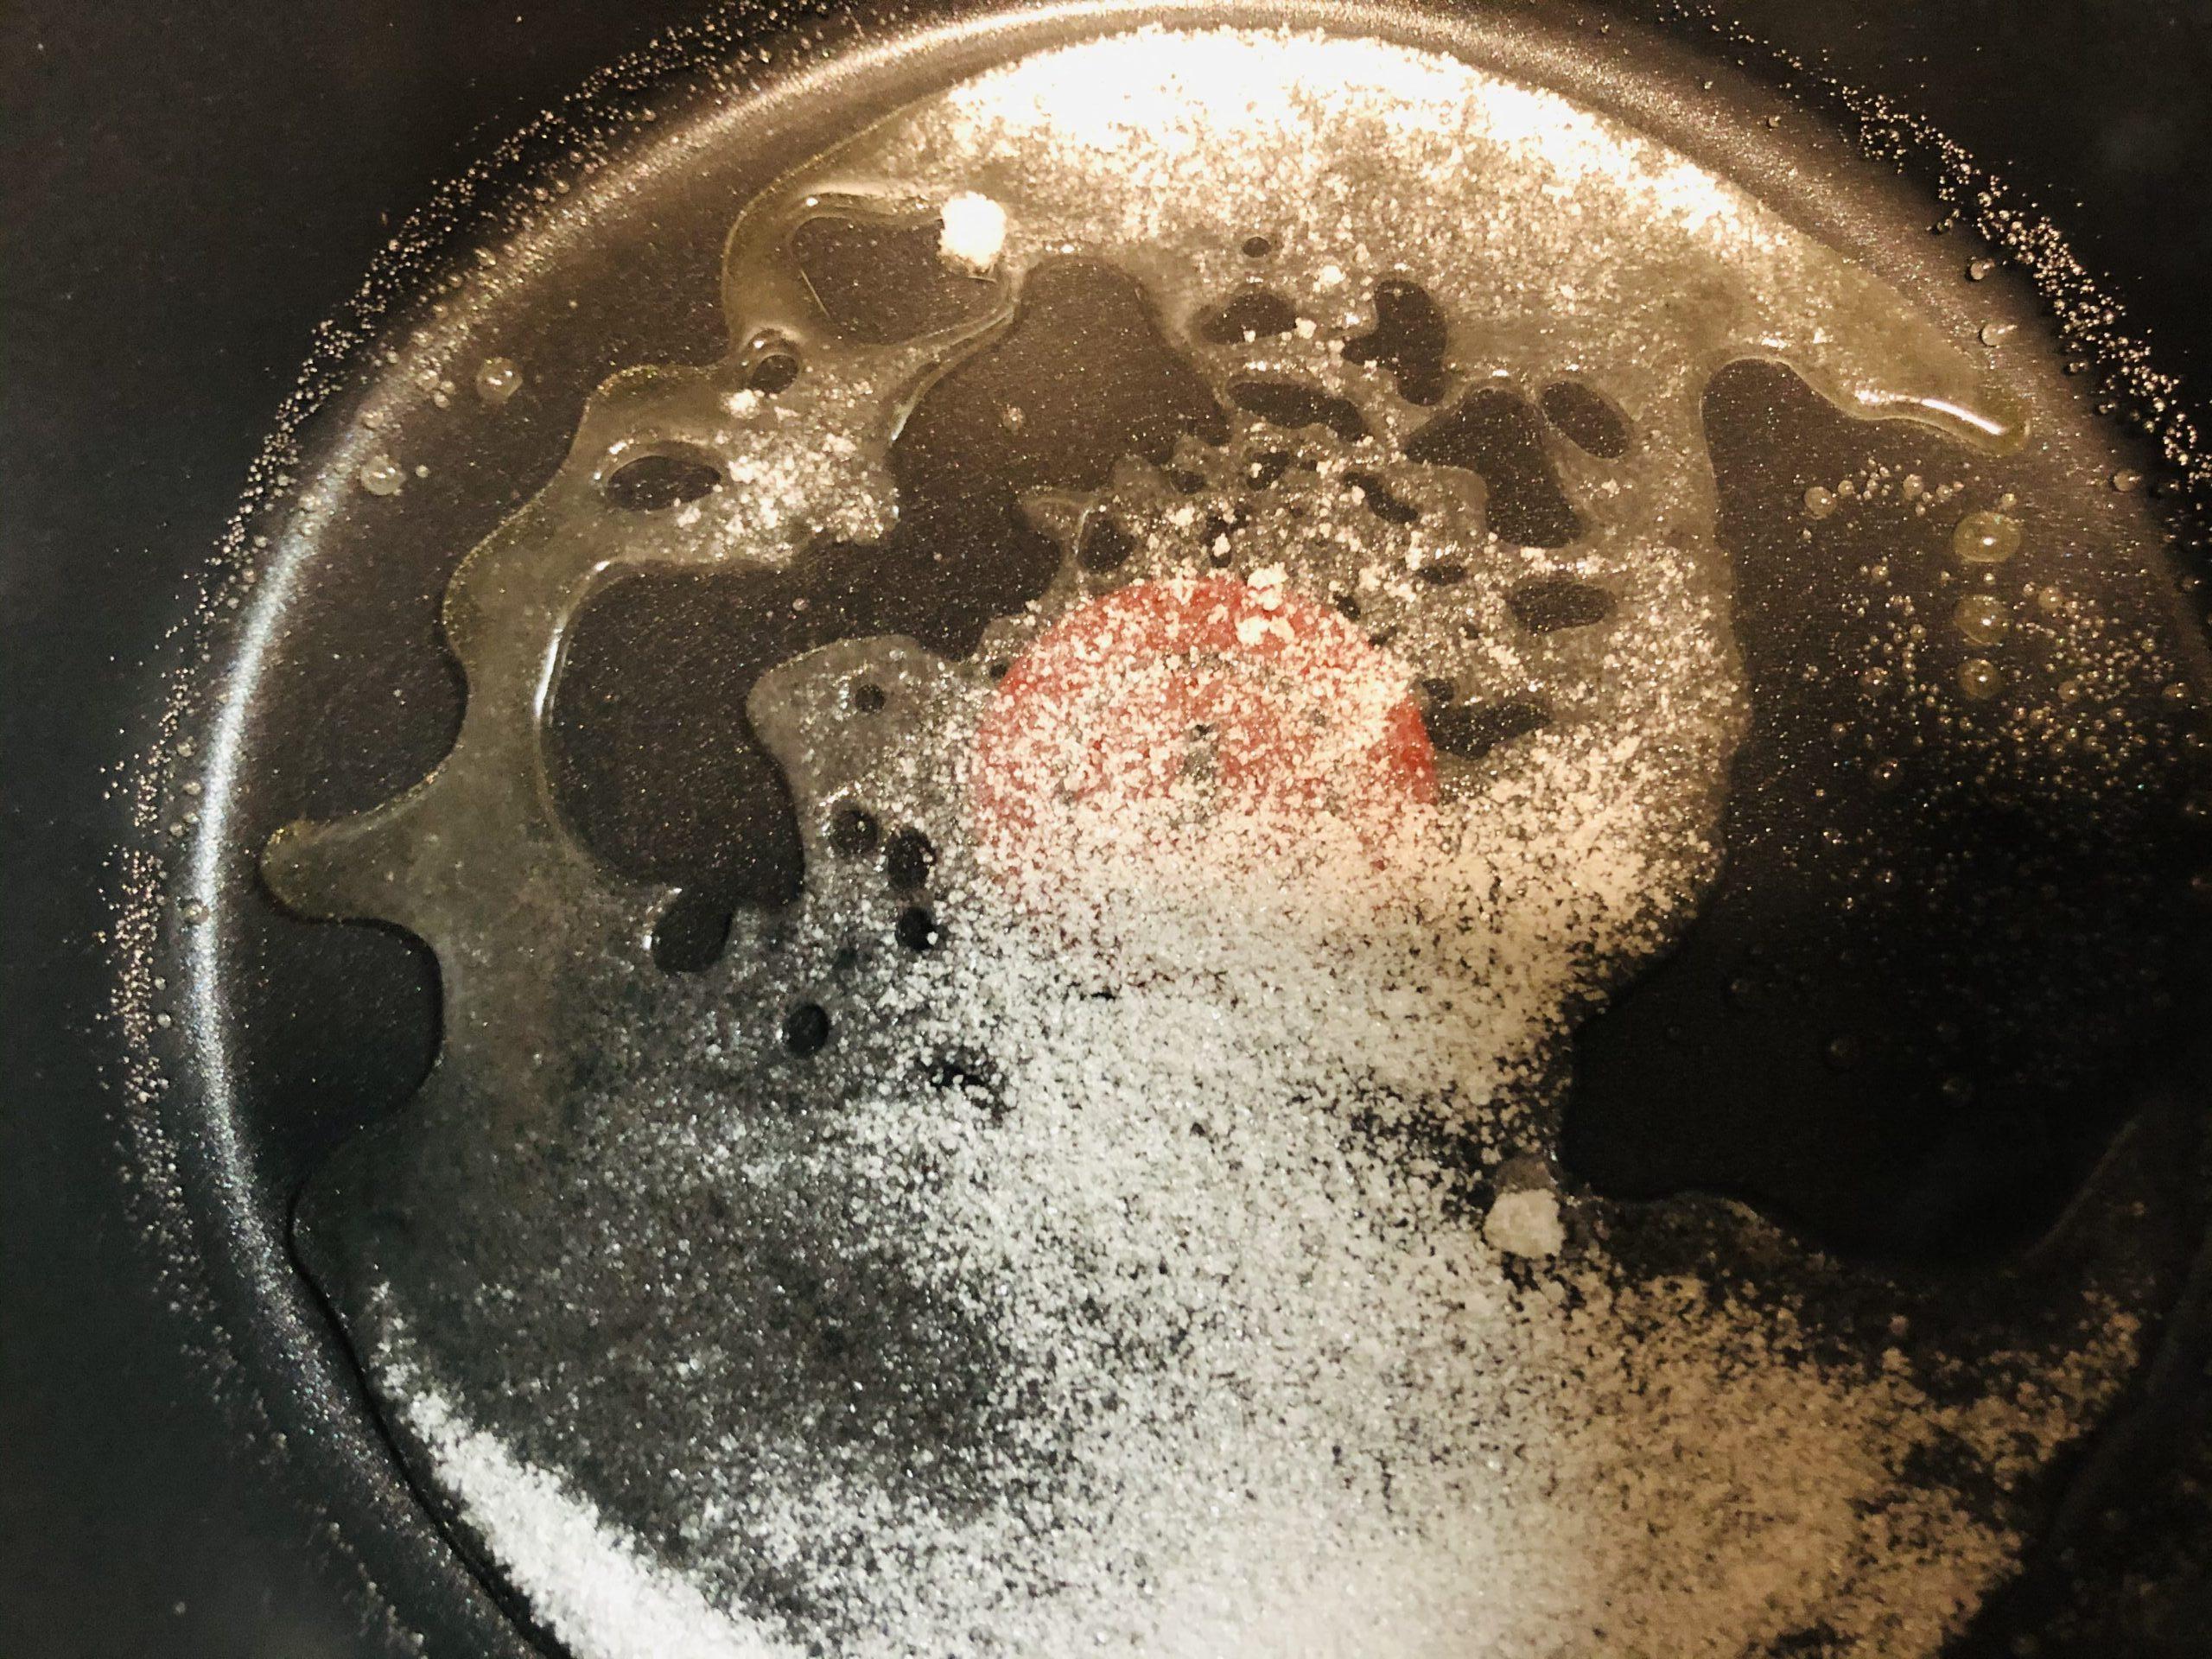 キャラメル用のグラニュー糖を火にかけて徐々に溶けてきた様子の画像です。